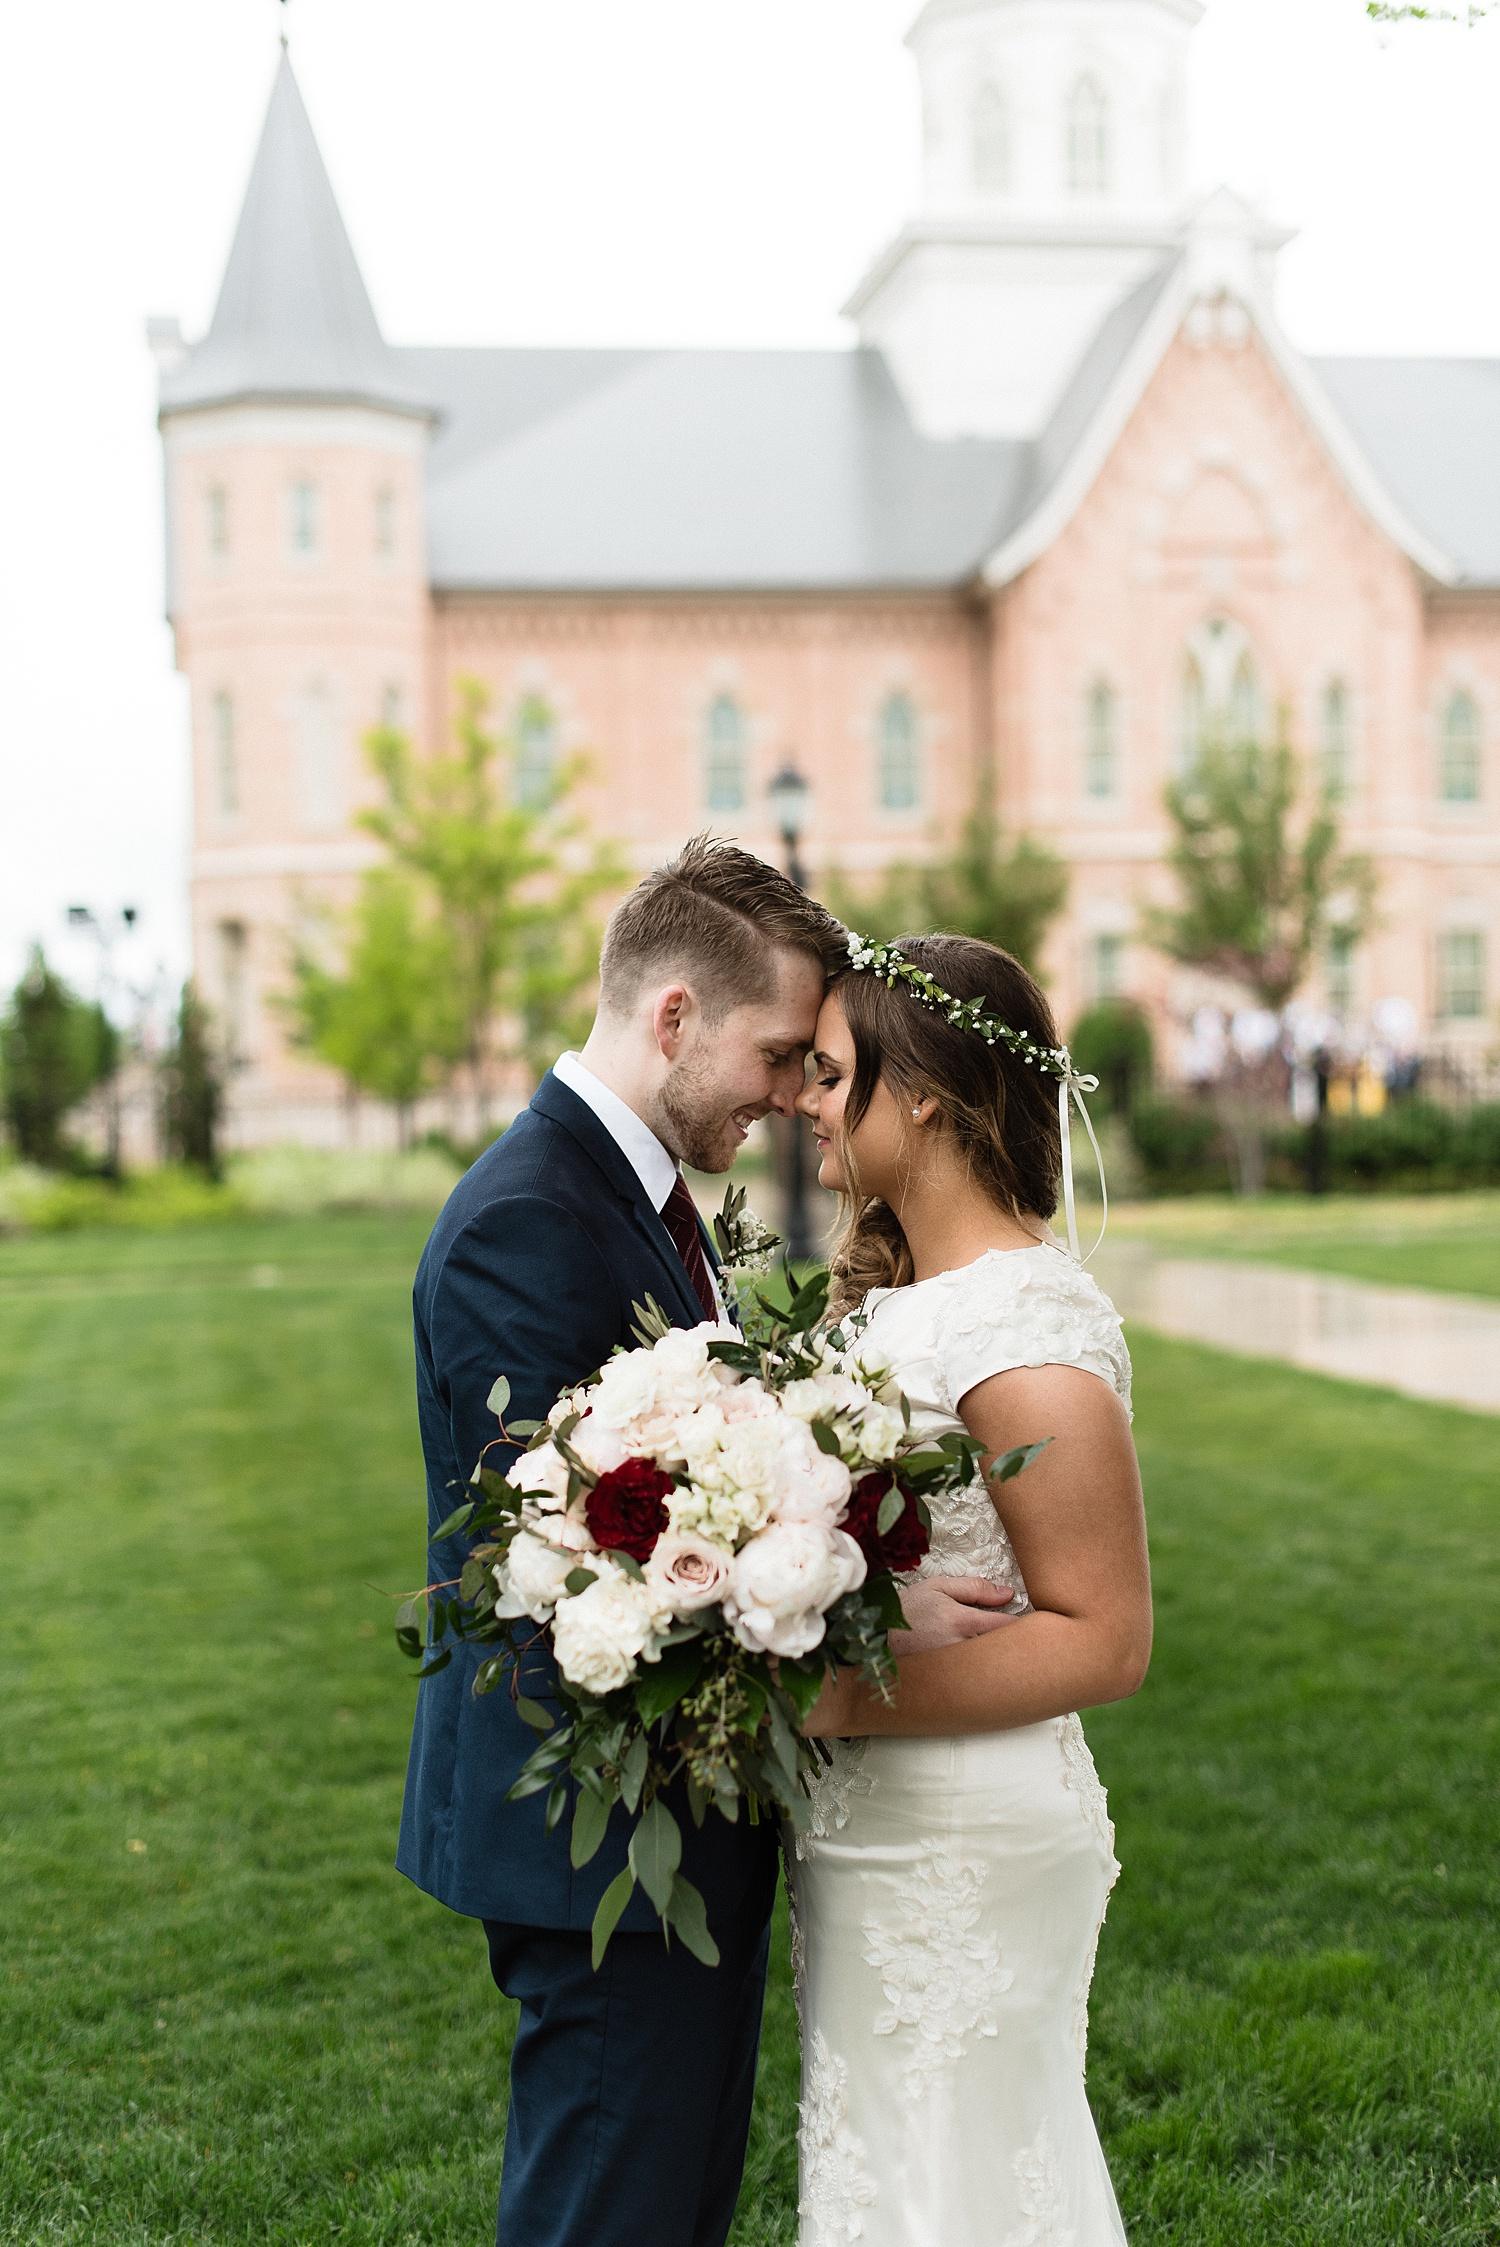 Zandra Barriga Photo - Dallas and Megan Wedding_0023.jpg